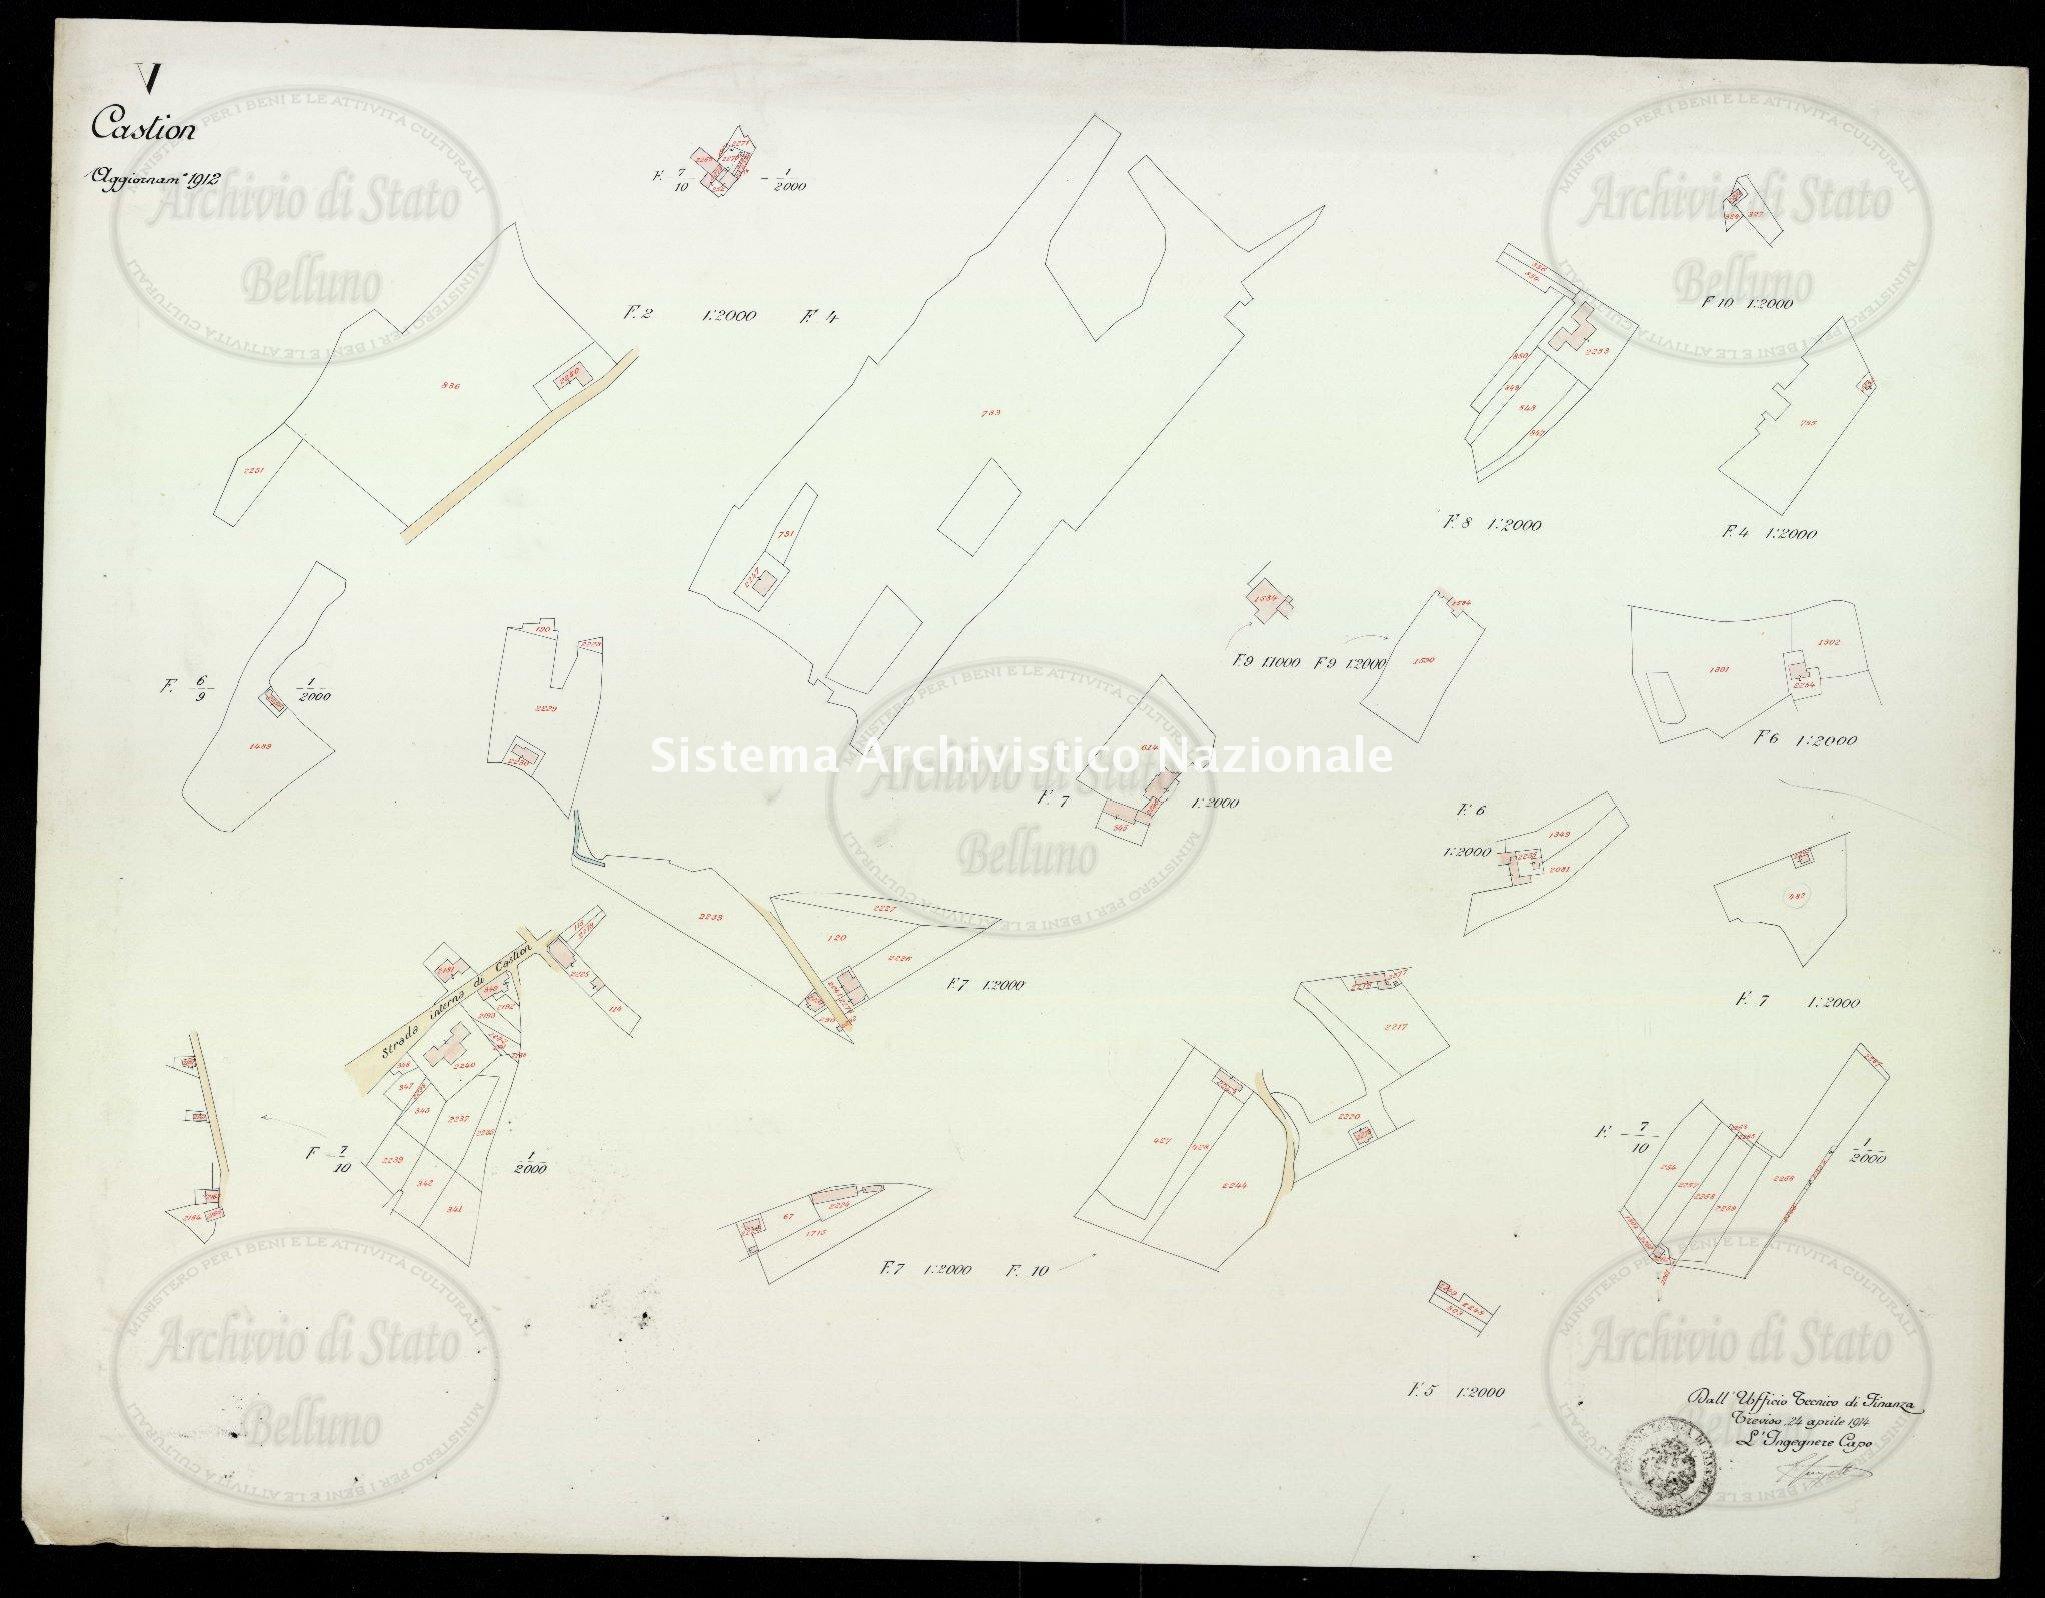 Archivio di Stato di Belluno, Censo stabile attivato, Mappe, Mappe I conservazione, Comune censuario 006 Castion